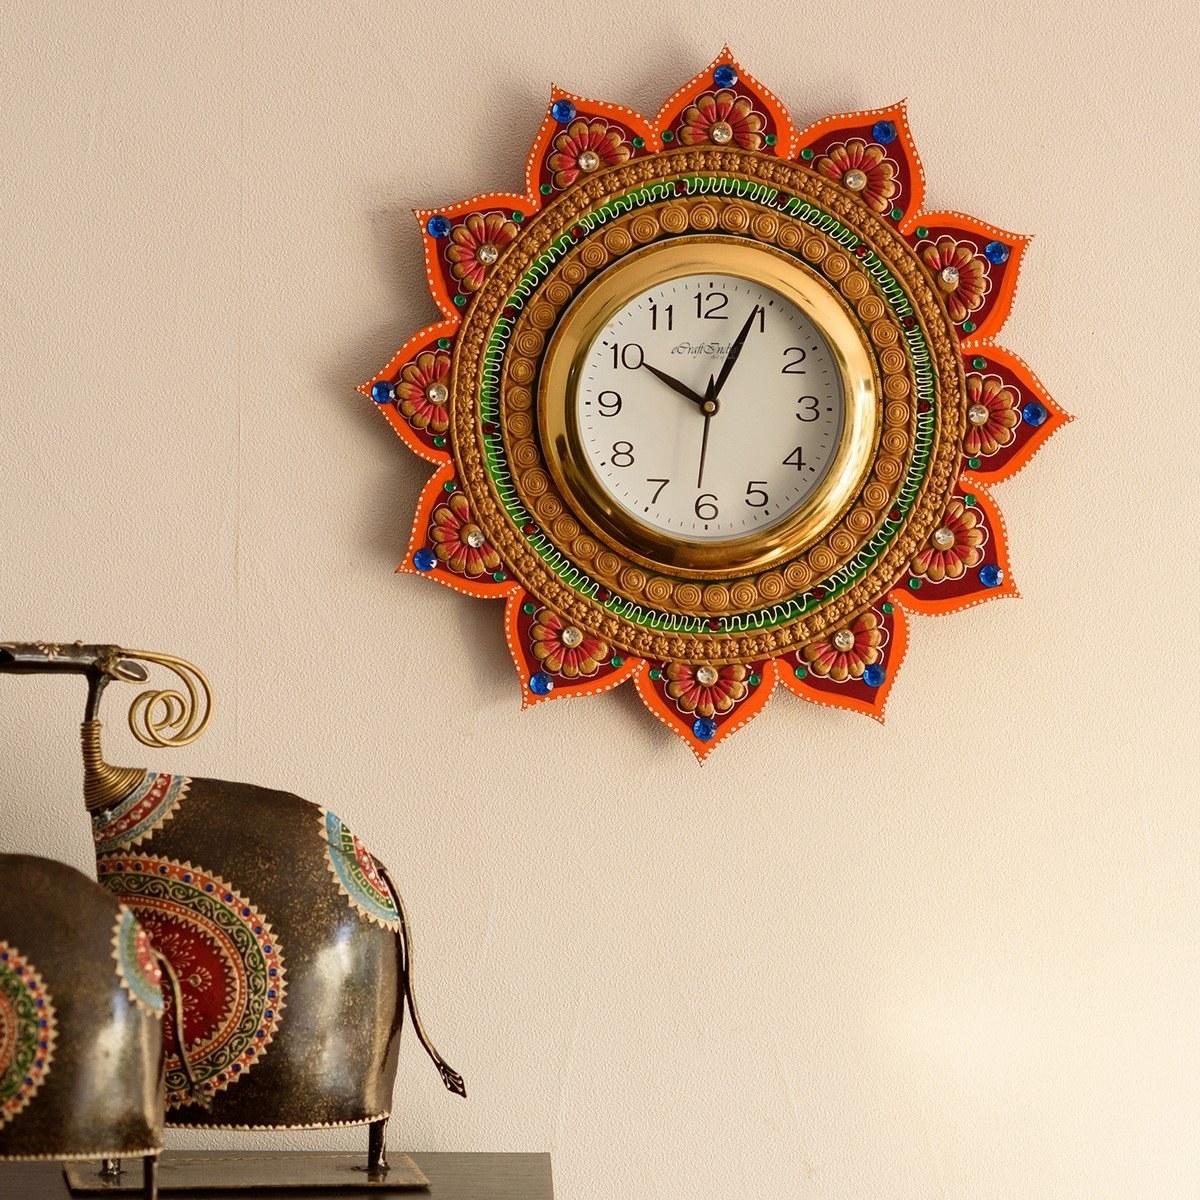 A colourful wall clock